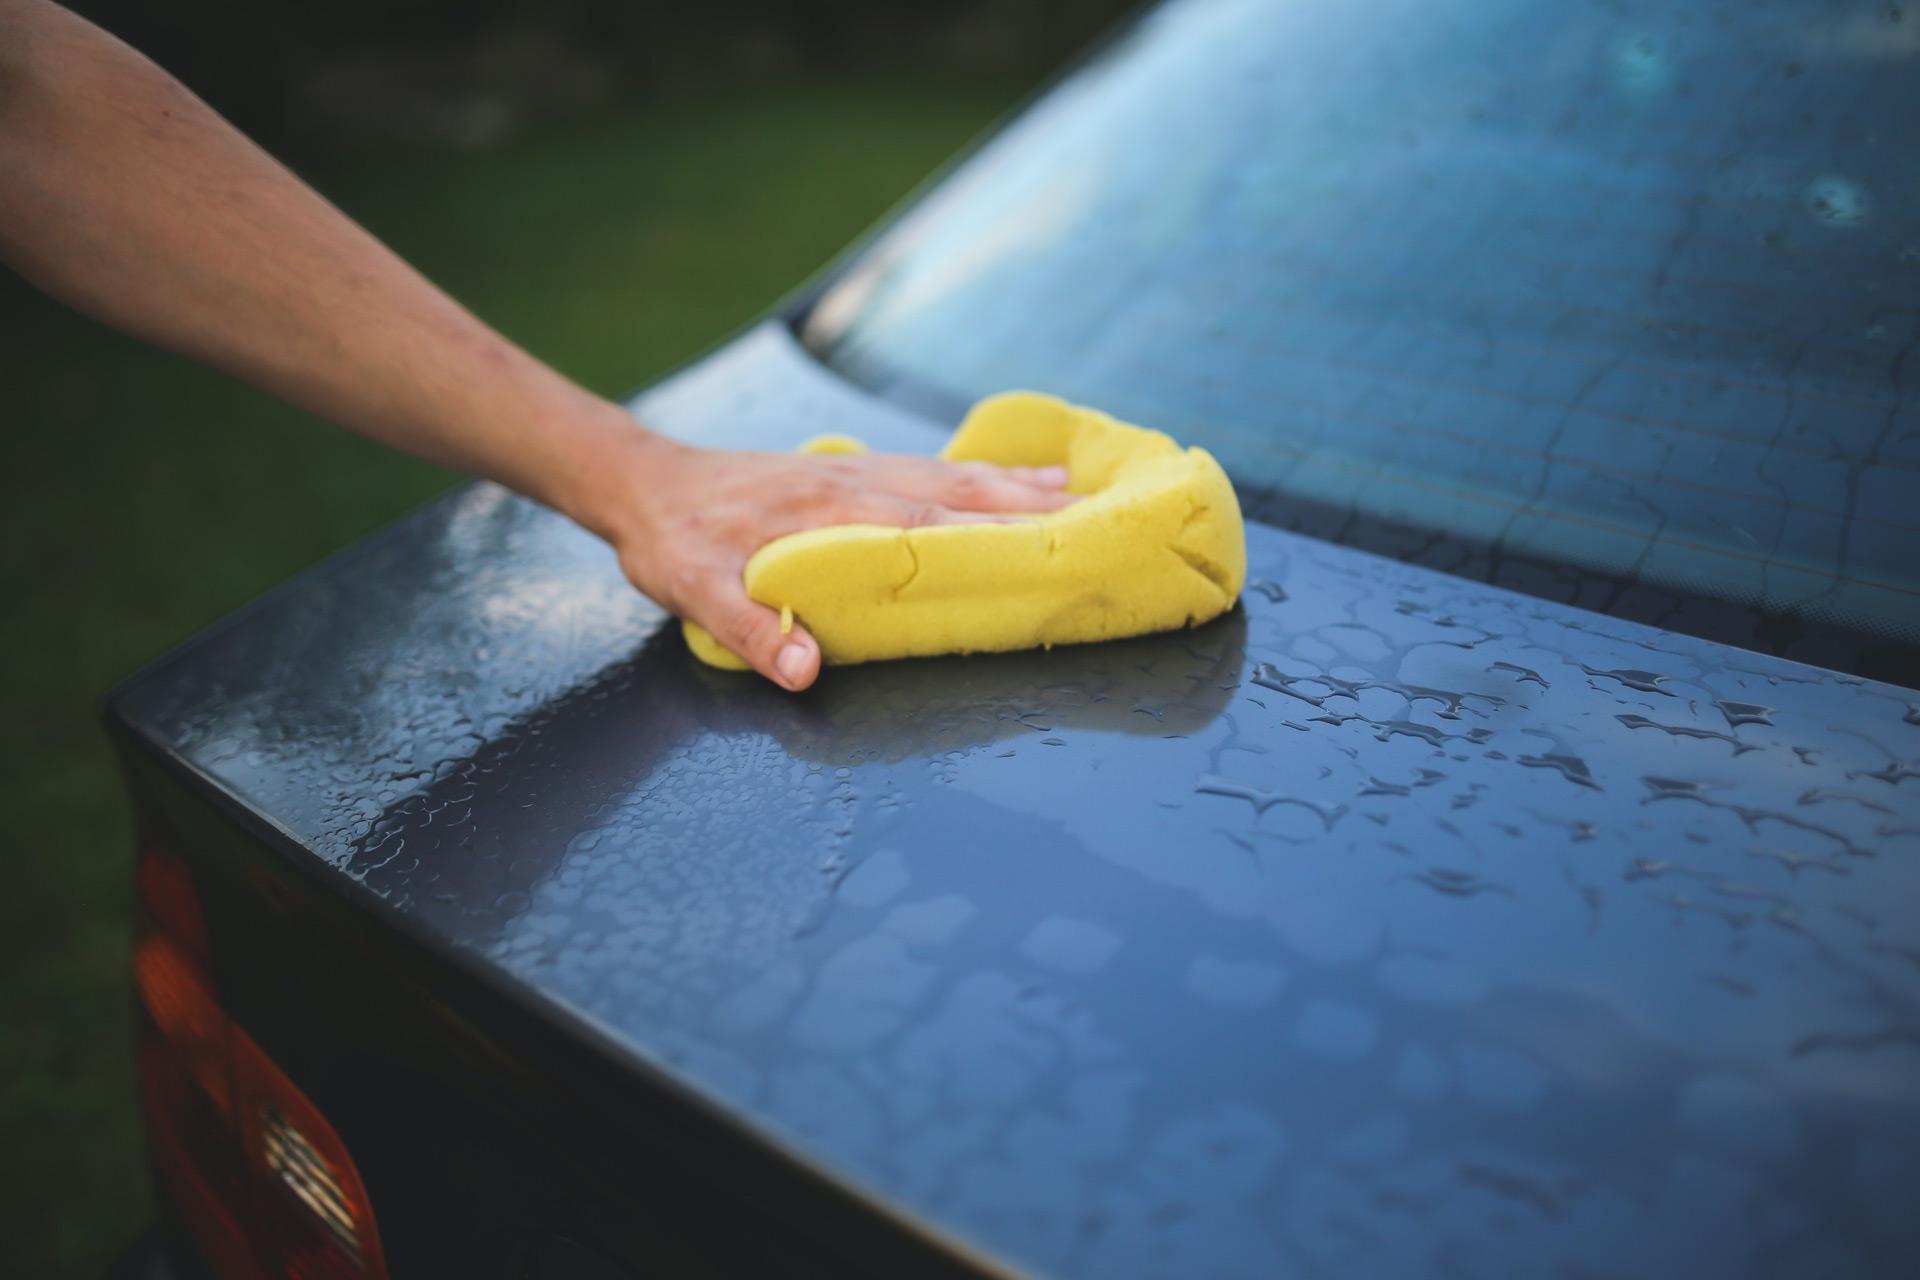 Autopflege mit einem speziellen weichen Schwamm